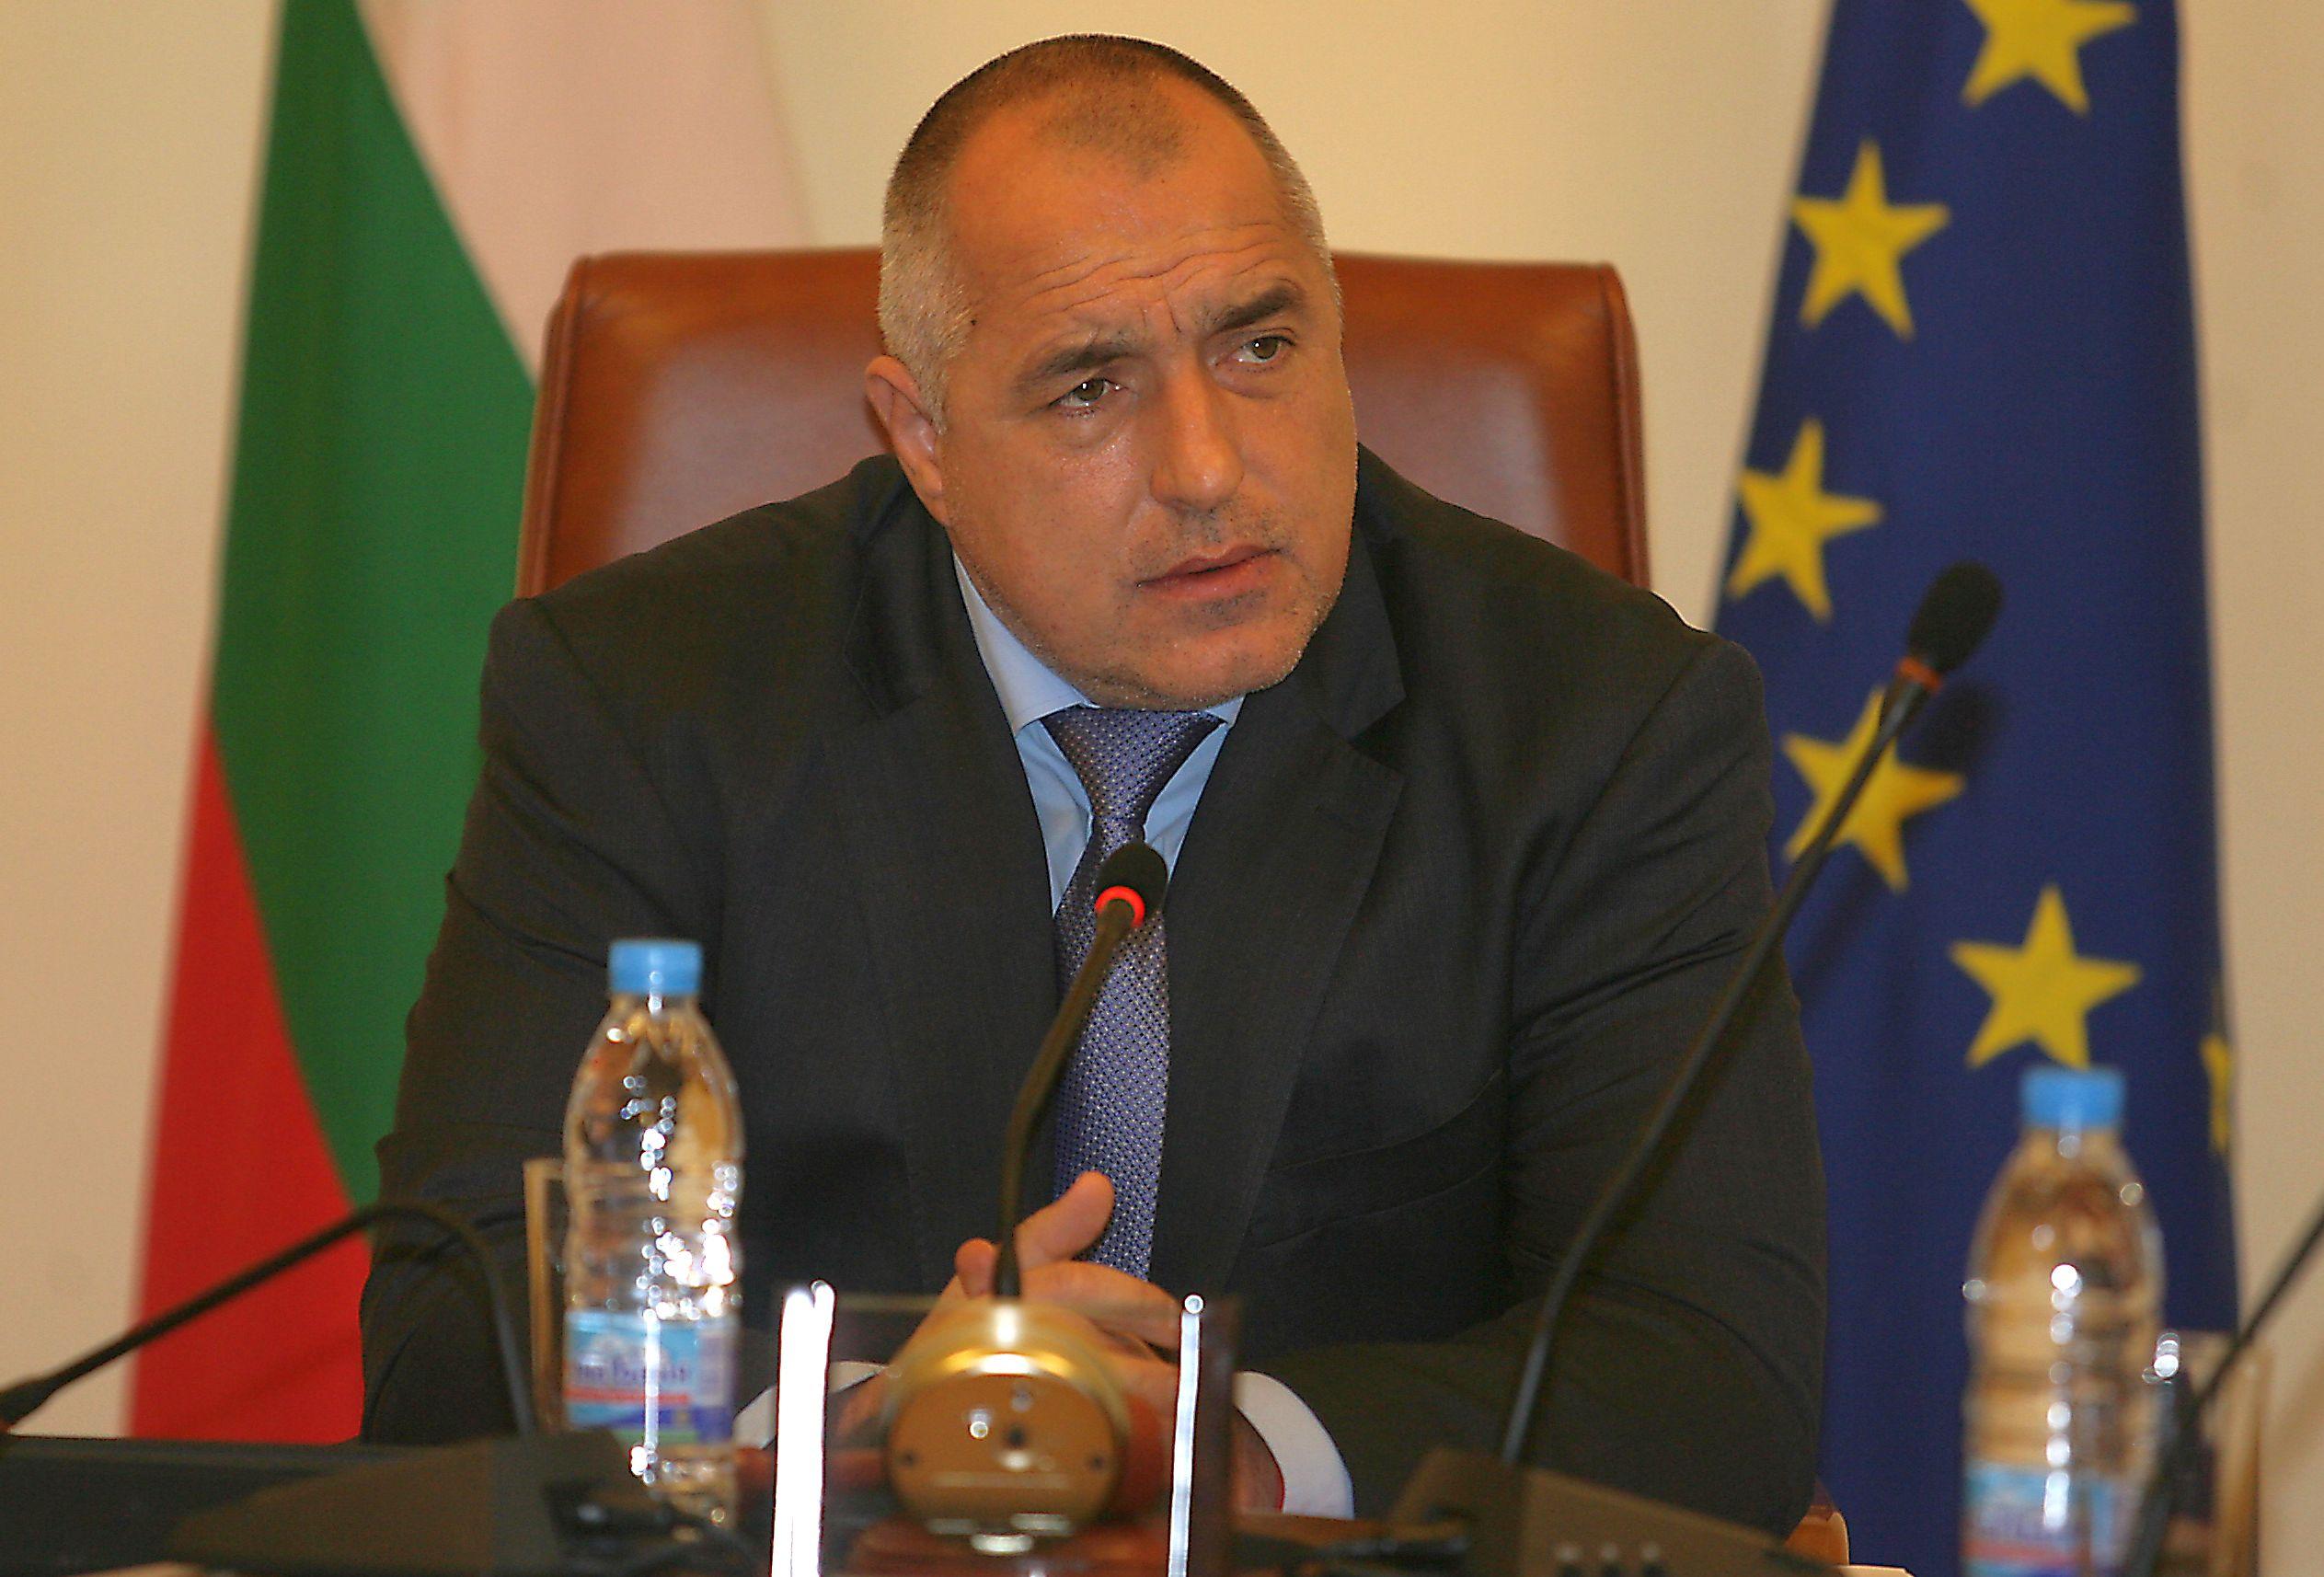 Борисов към подчинените си: Върнете бонусите или ще уволнявам!